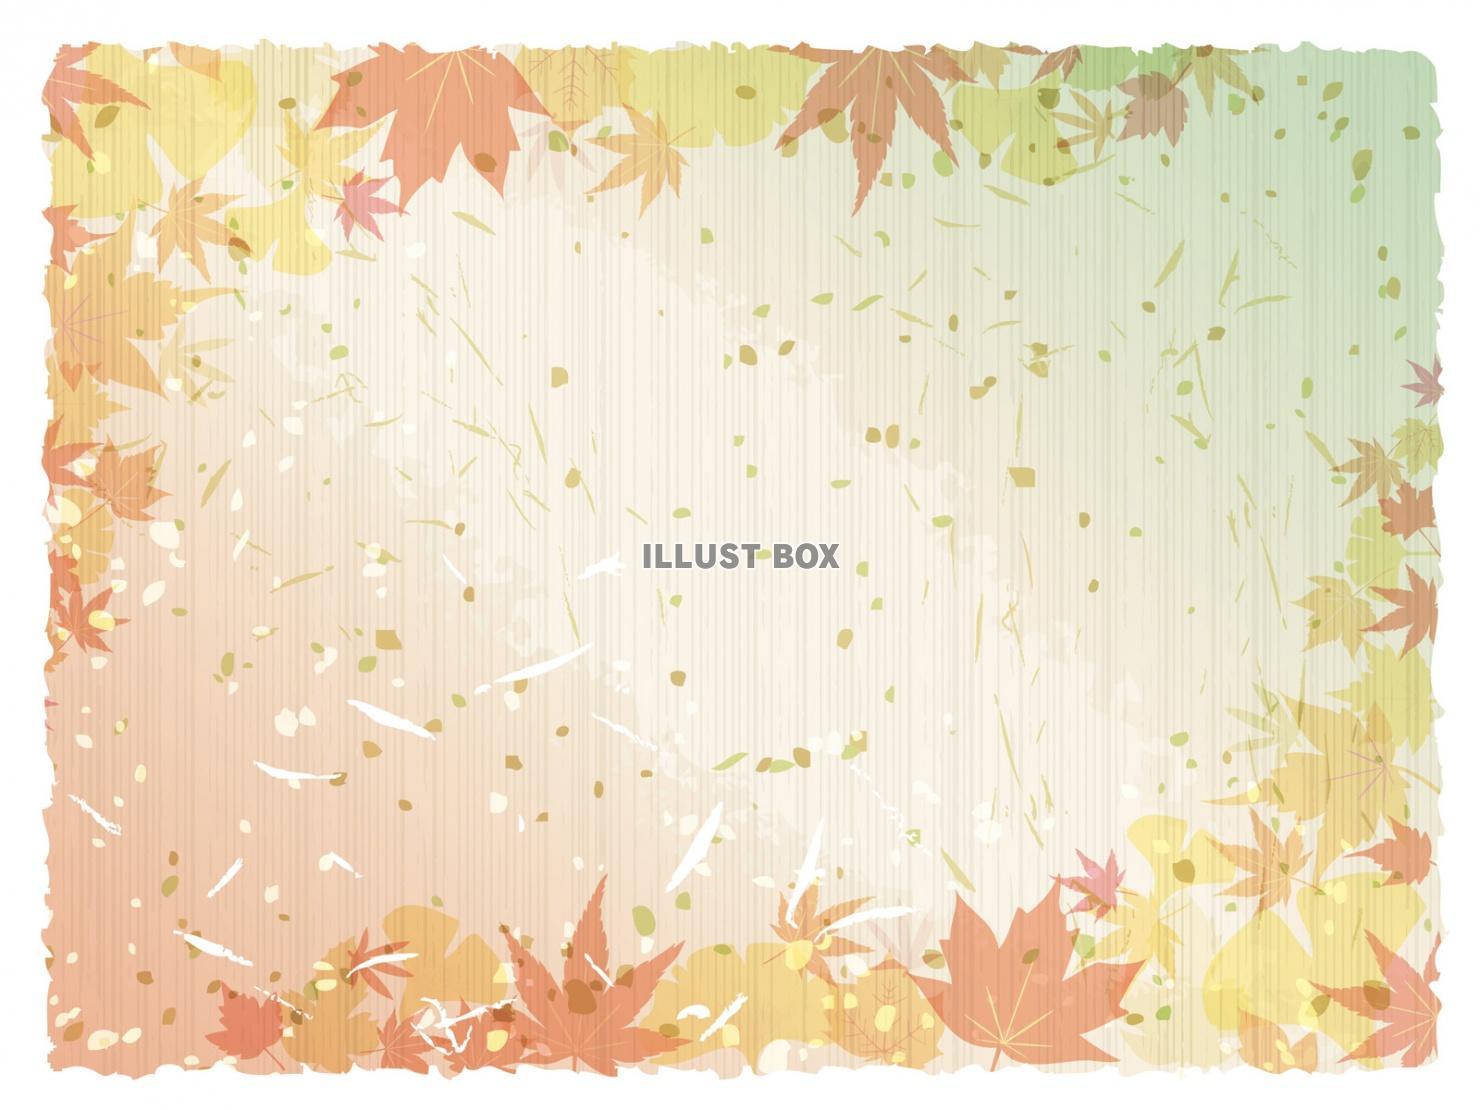 無料イラスト 紅葉背景和紙秋おしゃれフレーム枠和イラスト10月11月もみじ